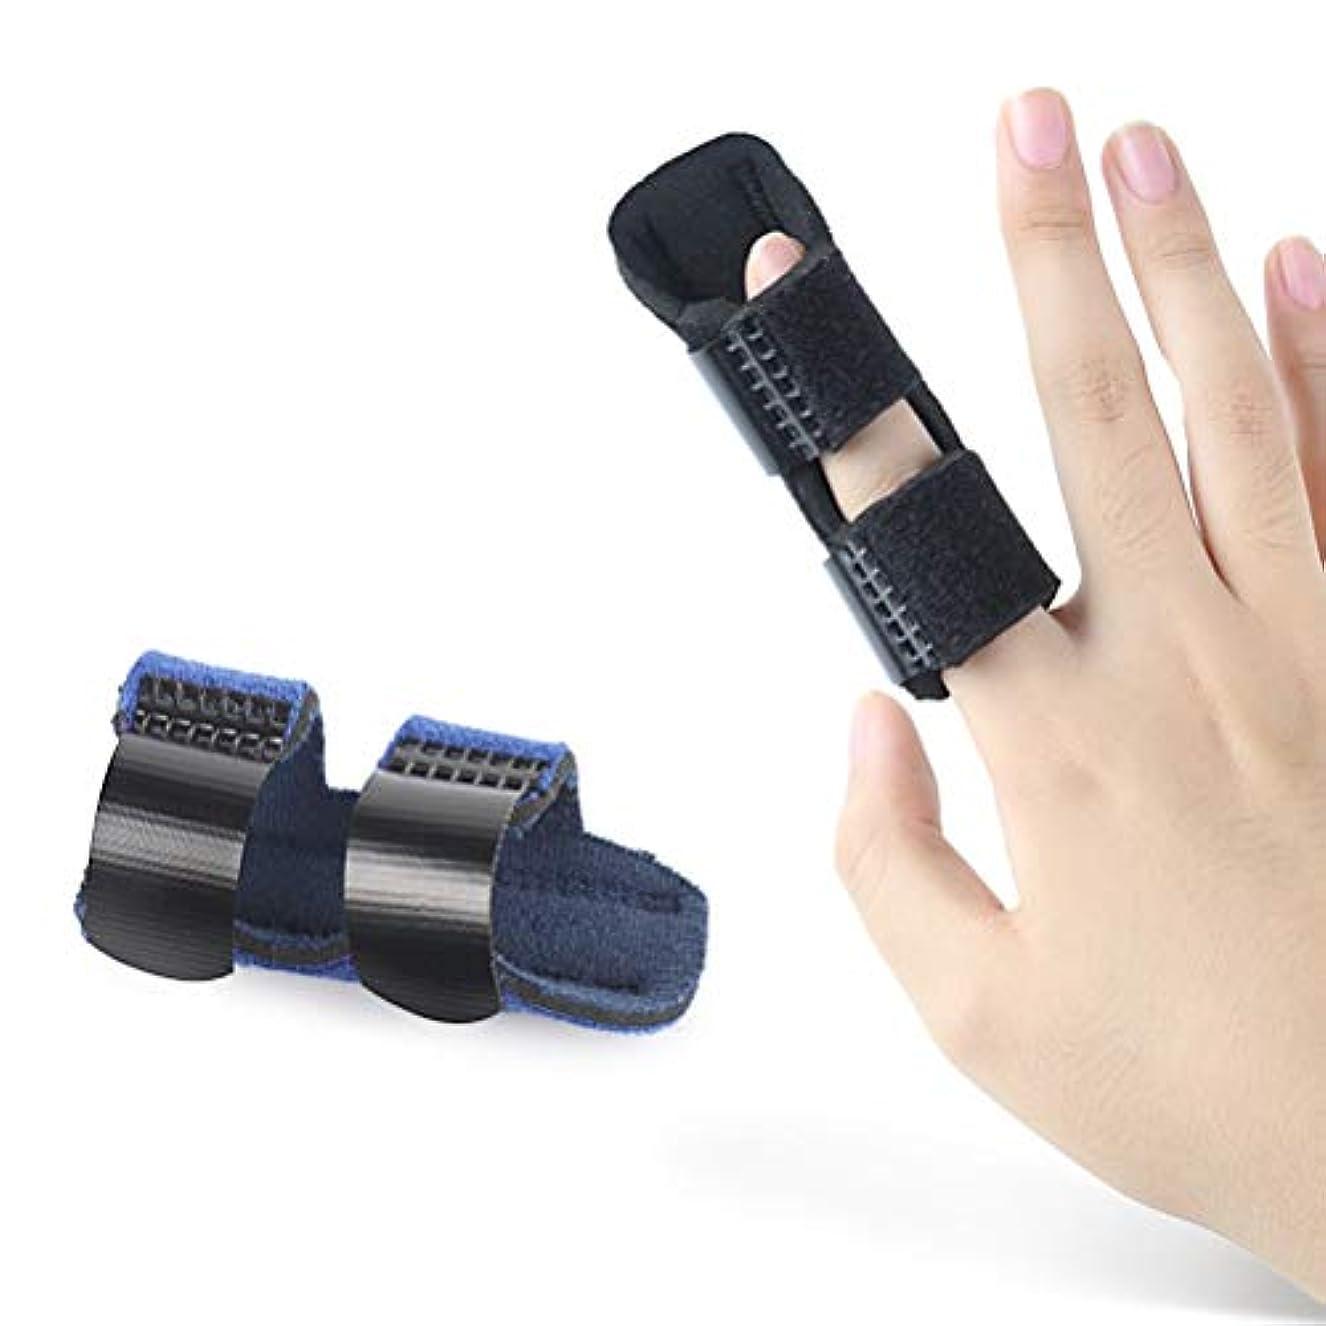 ラケット熟読サスペンションSUPVOX 首サポートブレース 腱鞘炎 バネ指 関節靭帯保護 損傷回復に 手首の親指の痛みを和らげる 1対指スプリントサポート(黒)